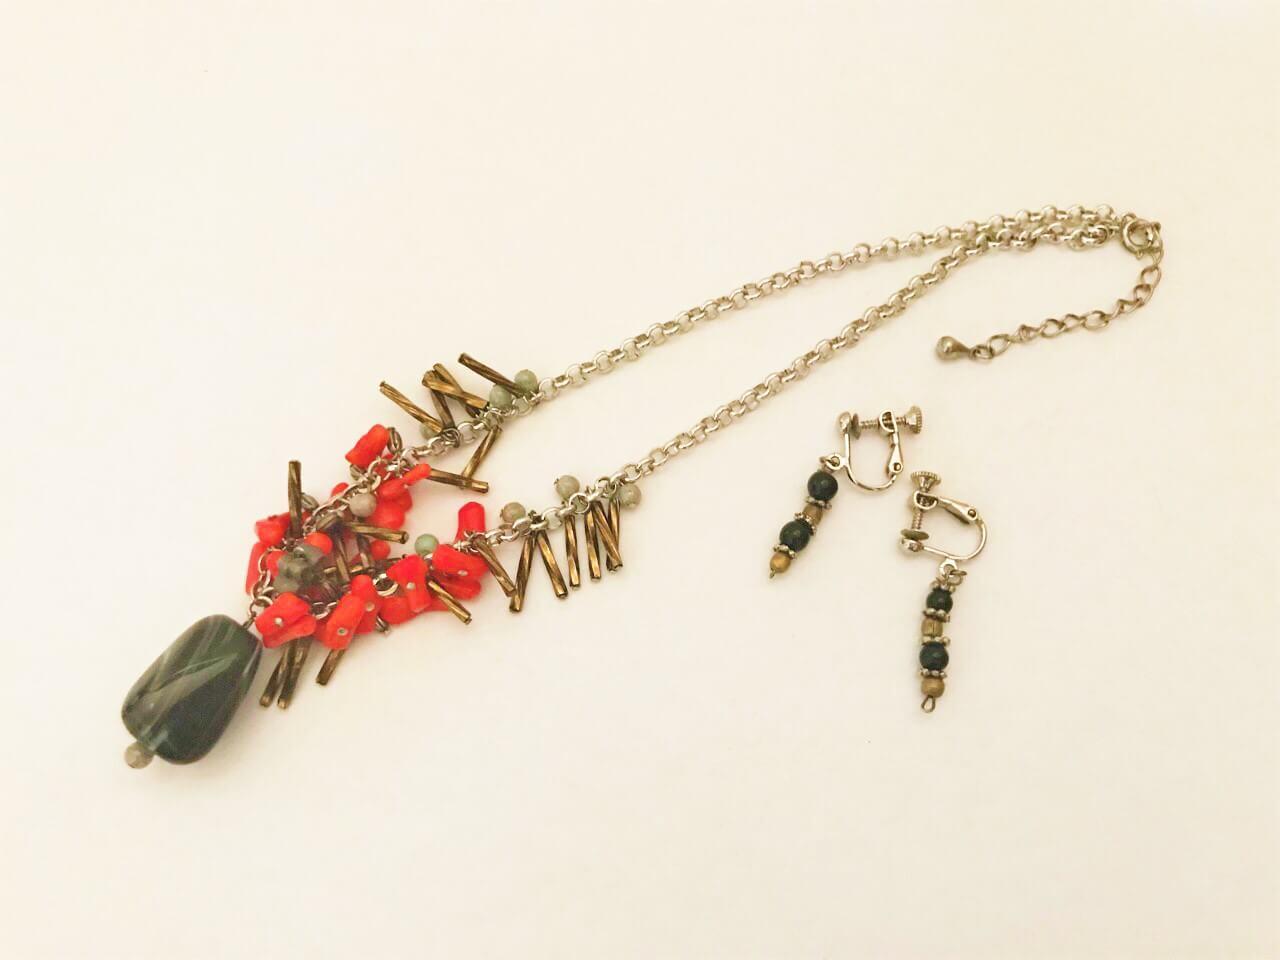 黒い石のボヘミアンネックレスとイヤリング